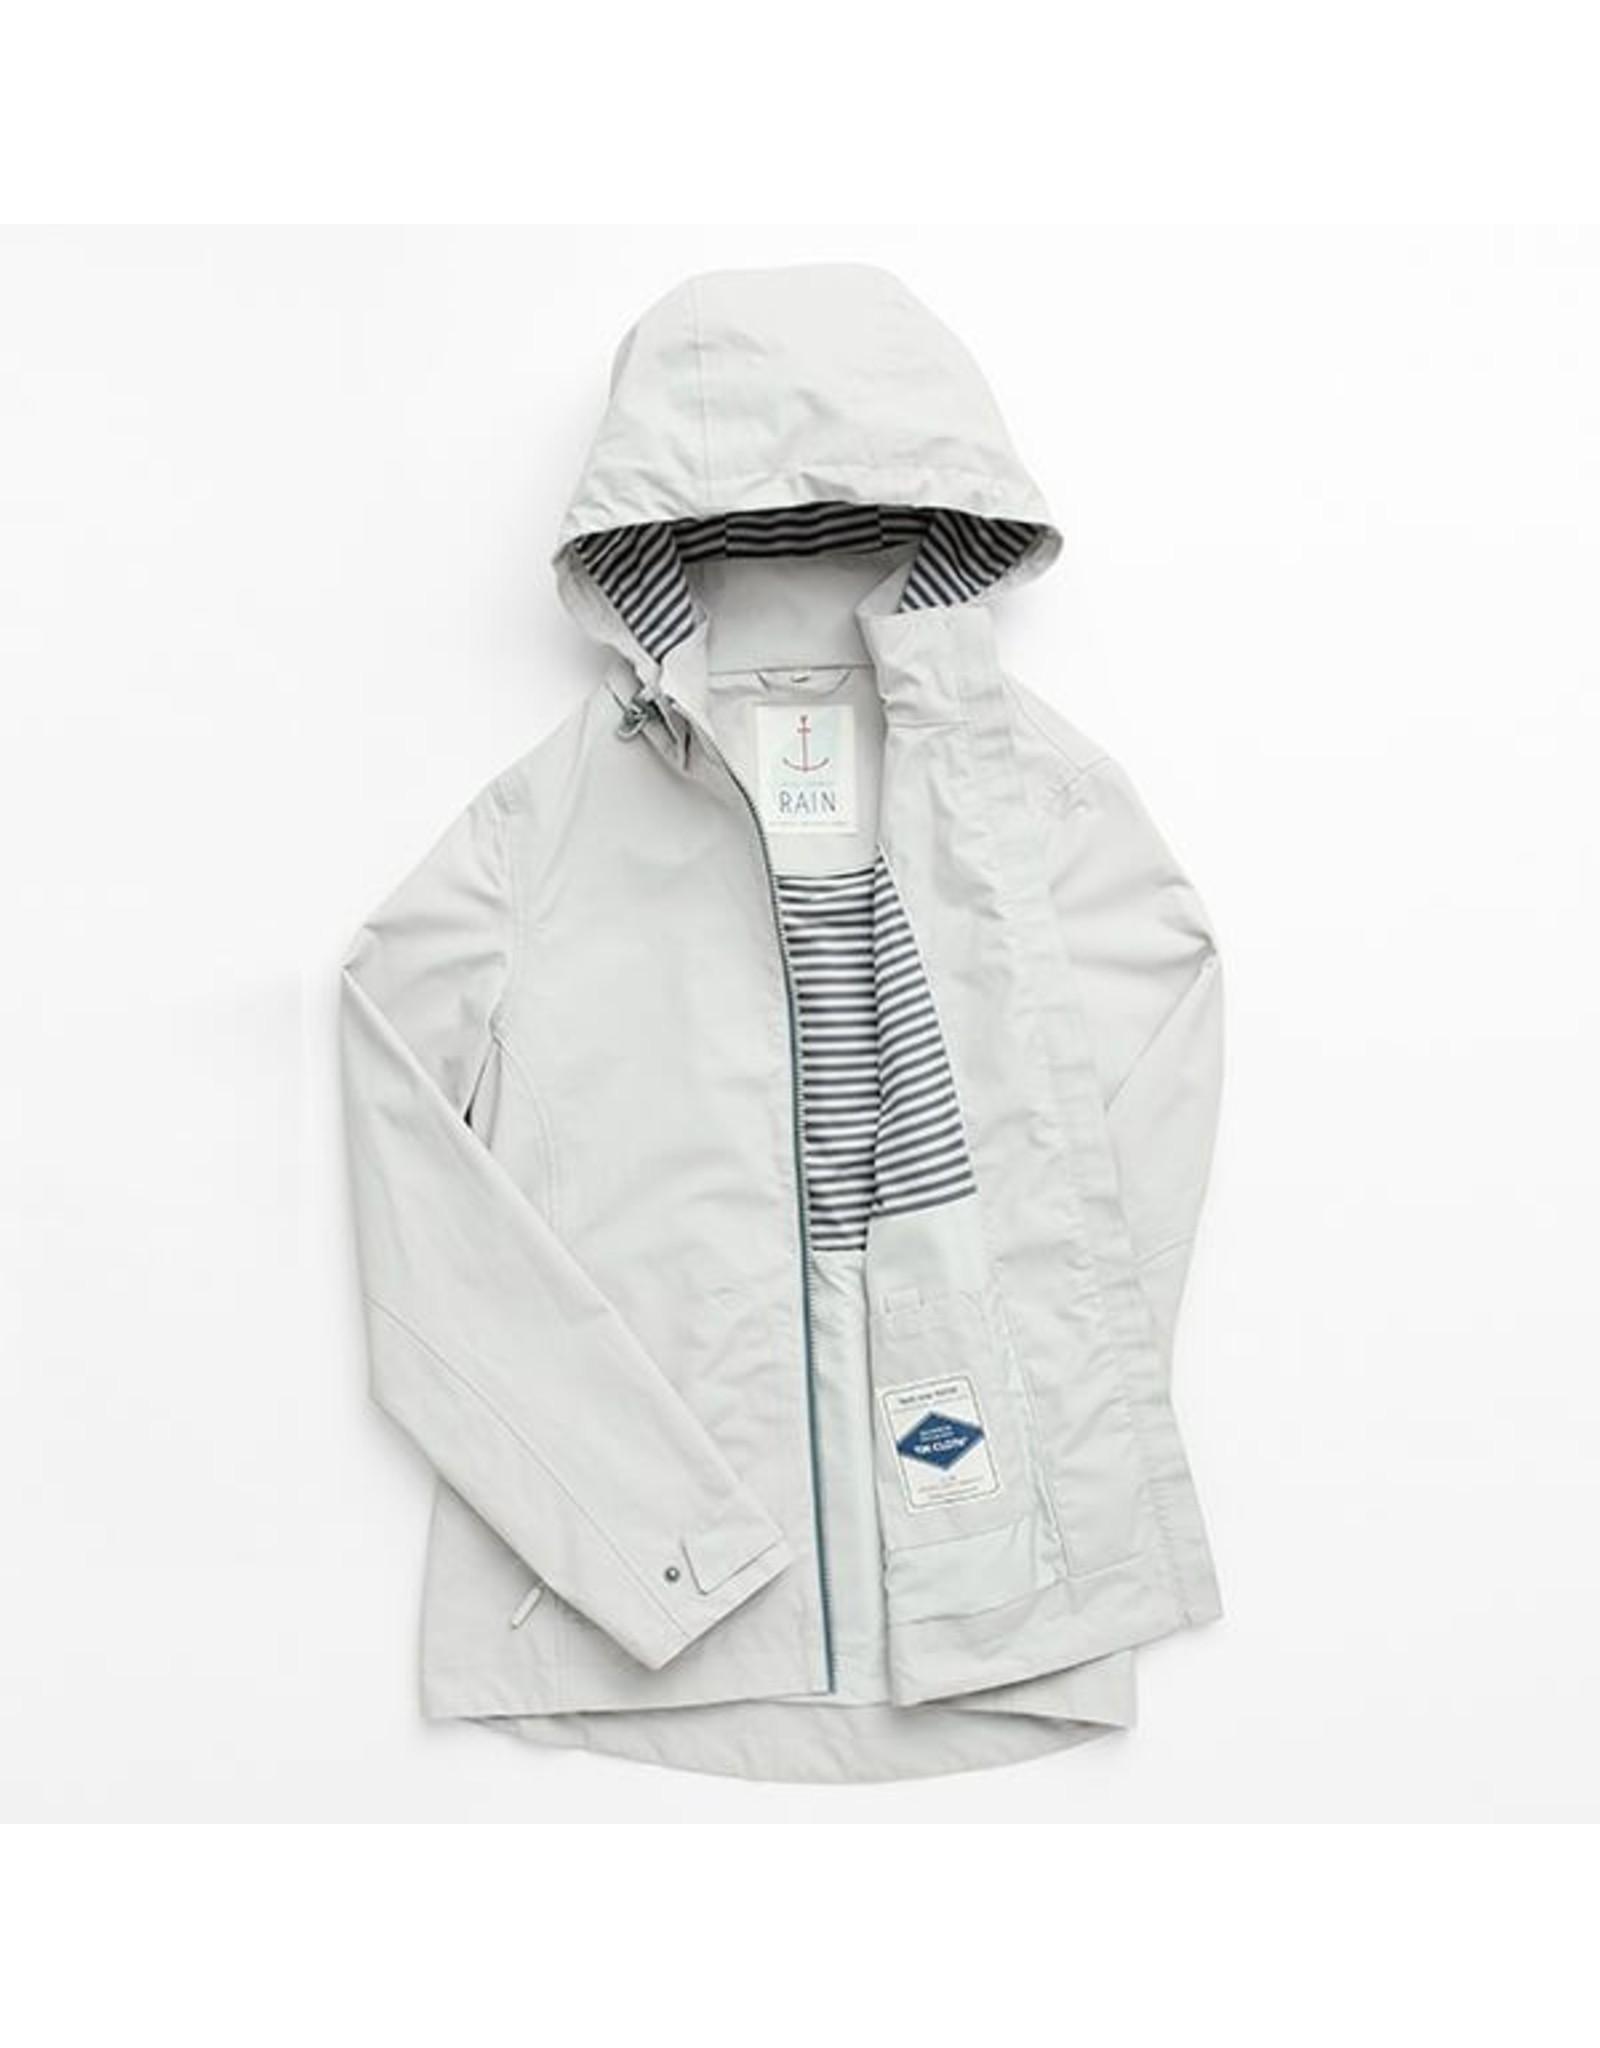 Seasalt Seasalt Lagoon Jacket